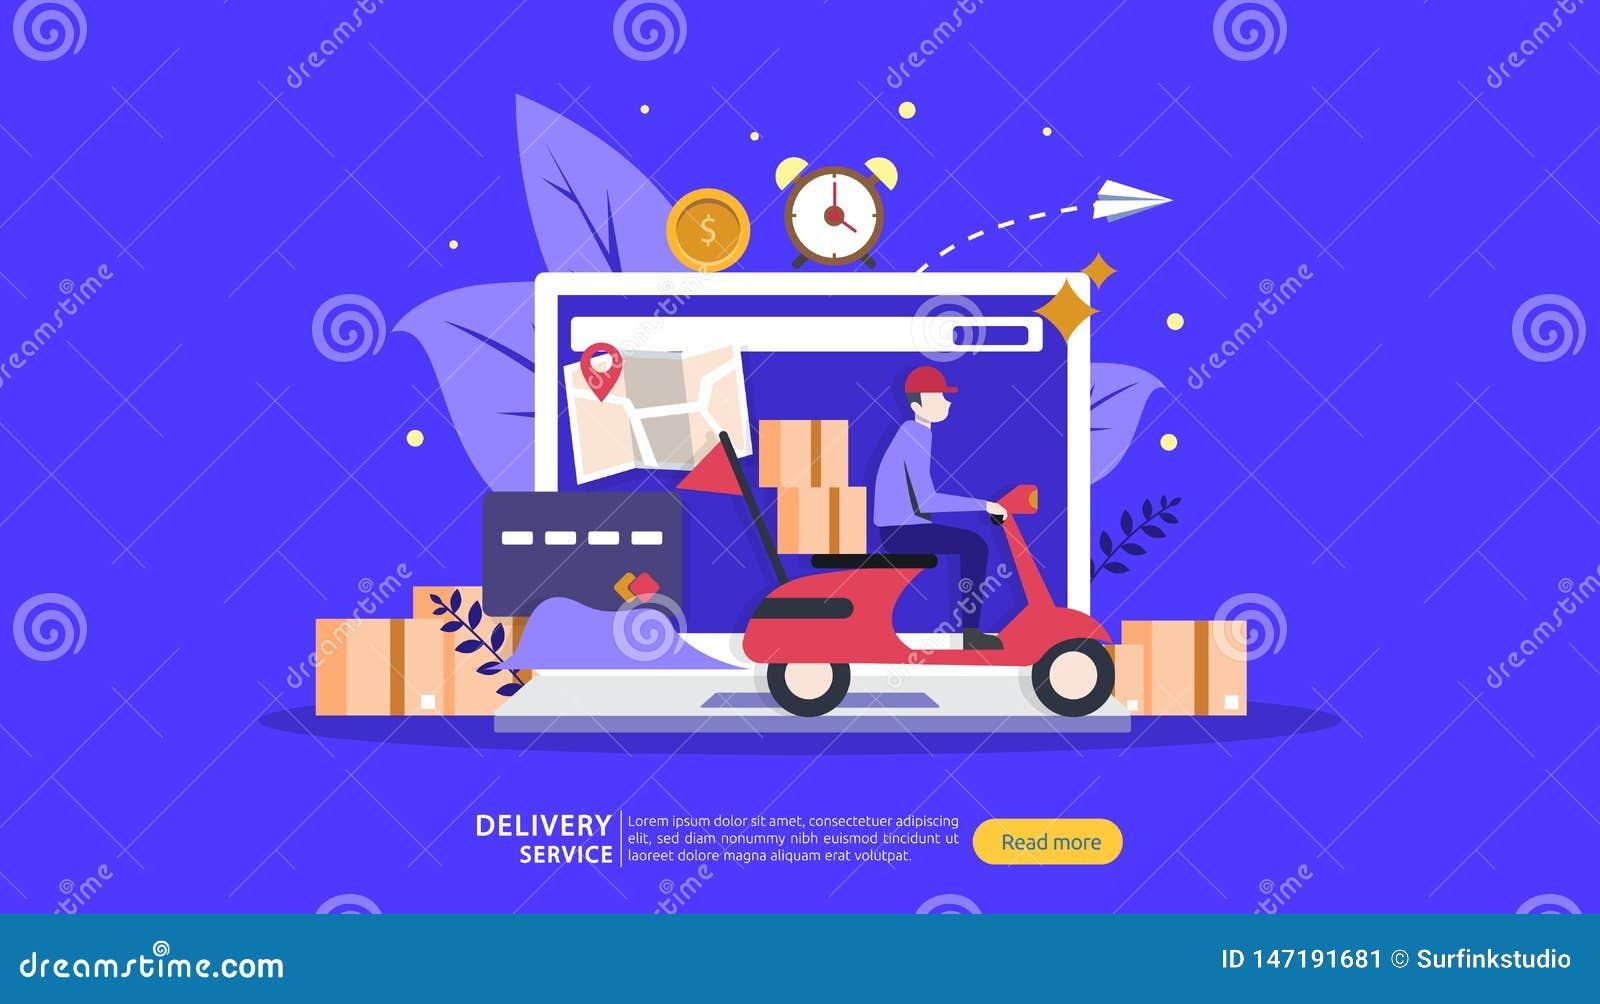 De online leveringsdienst orde uitdrukkelijk het volgen concept met uiterst kleine karakter en ladingsdoosvrachtwagen malplaatje